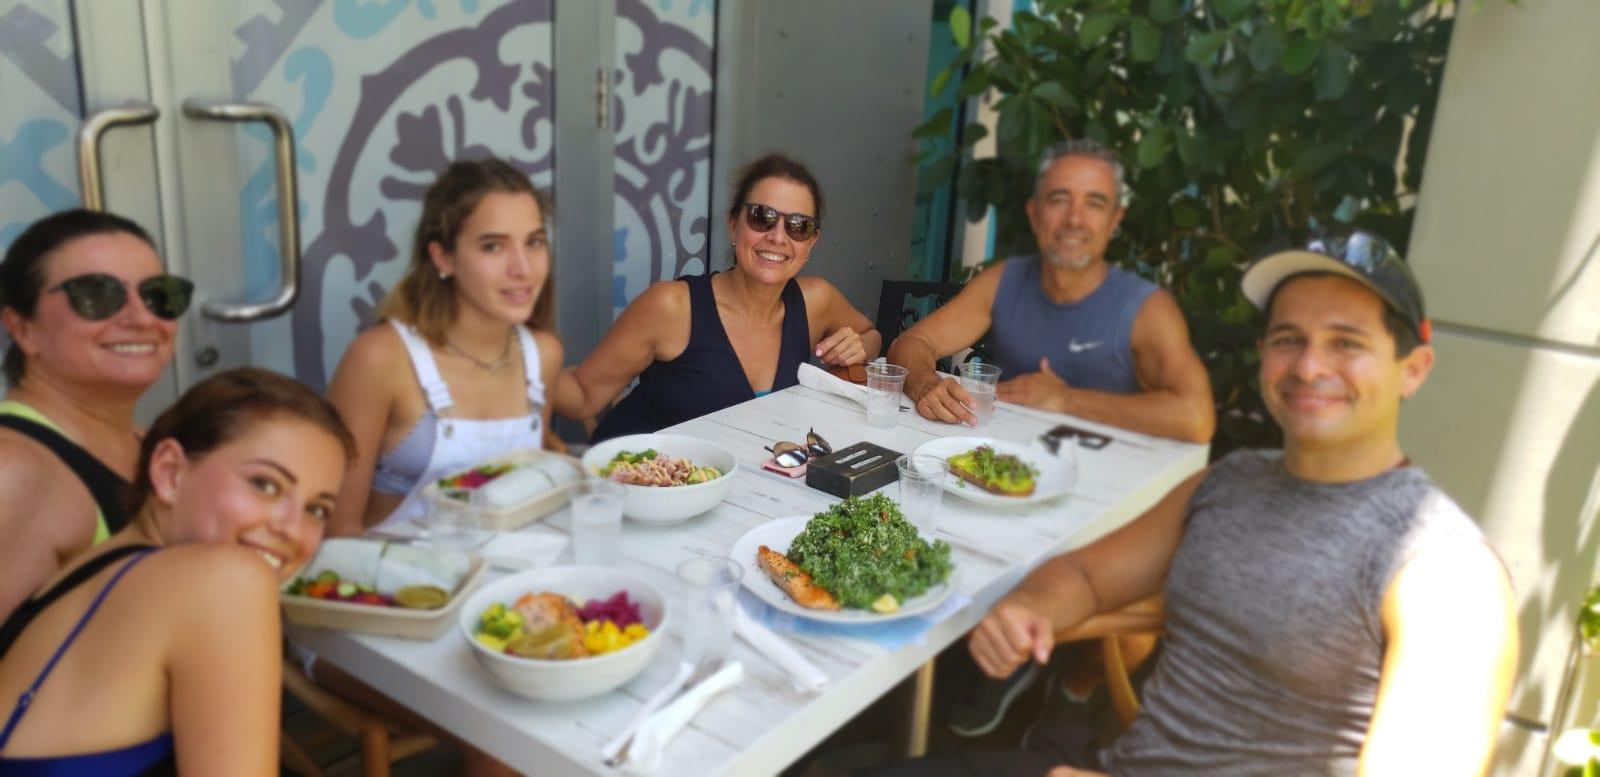 Desayunos, almuerzos y cenas orgánicas, naturales y nutritivas, especialmente diseñadas para obtener